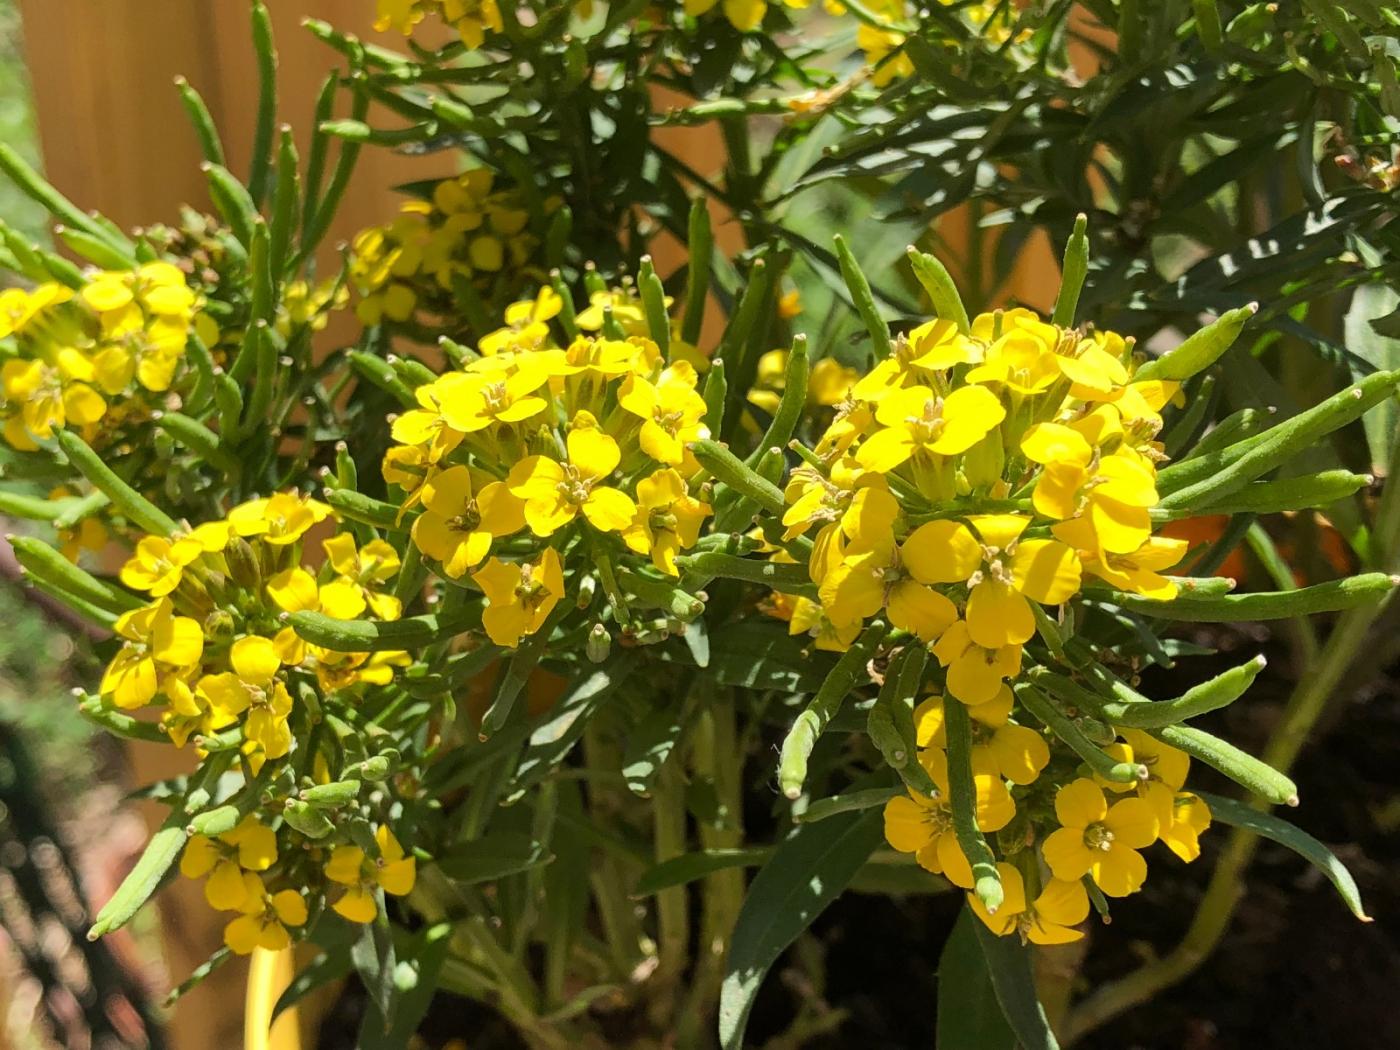 【田螺随拍】分享去THE HOME DEPOT红地铺买花的经验_图1-11